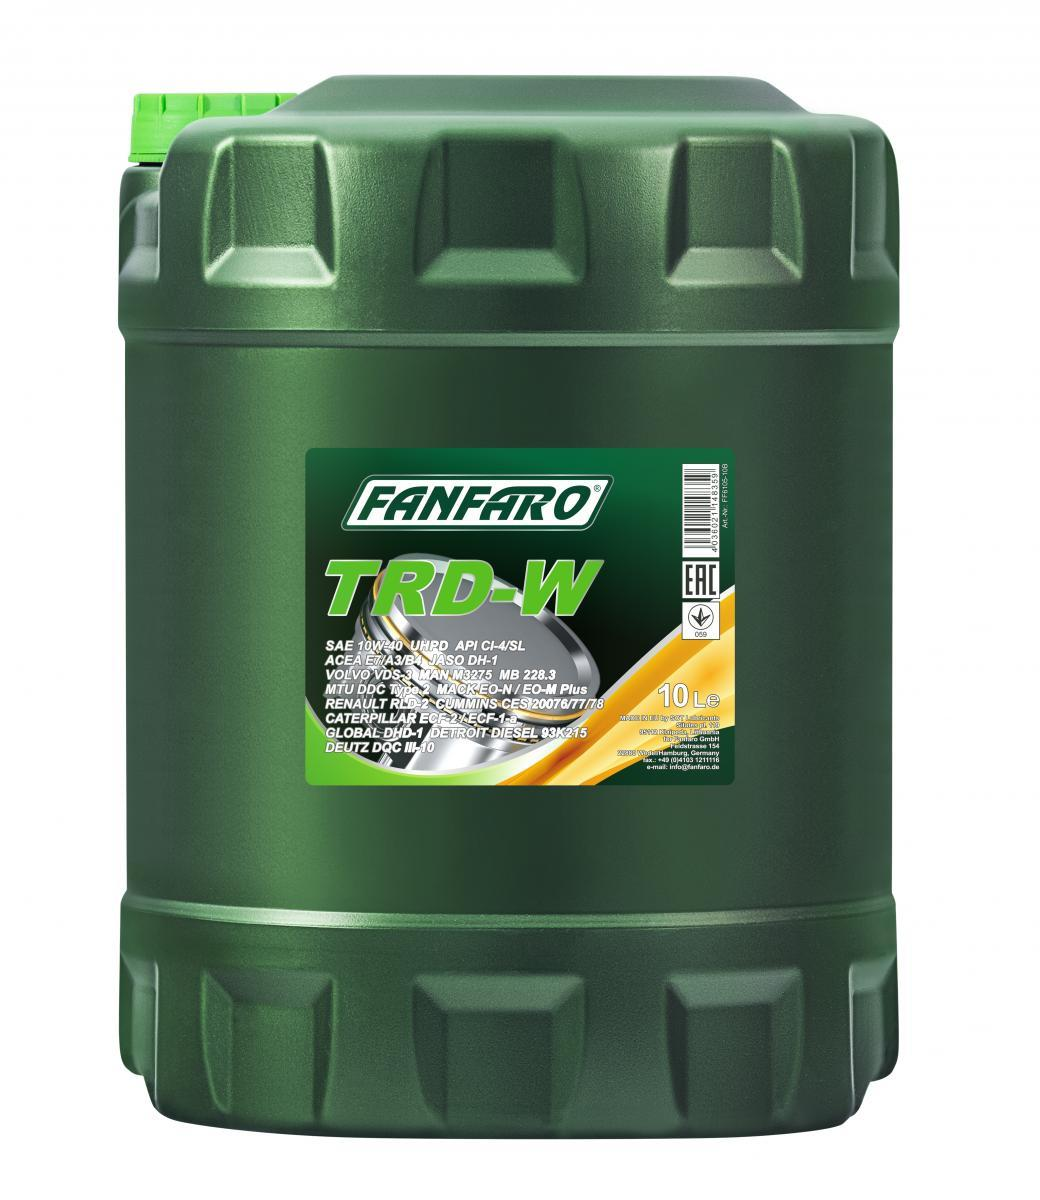 FF6105-10 FANFARO Motoröl für DAF online bestellen